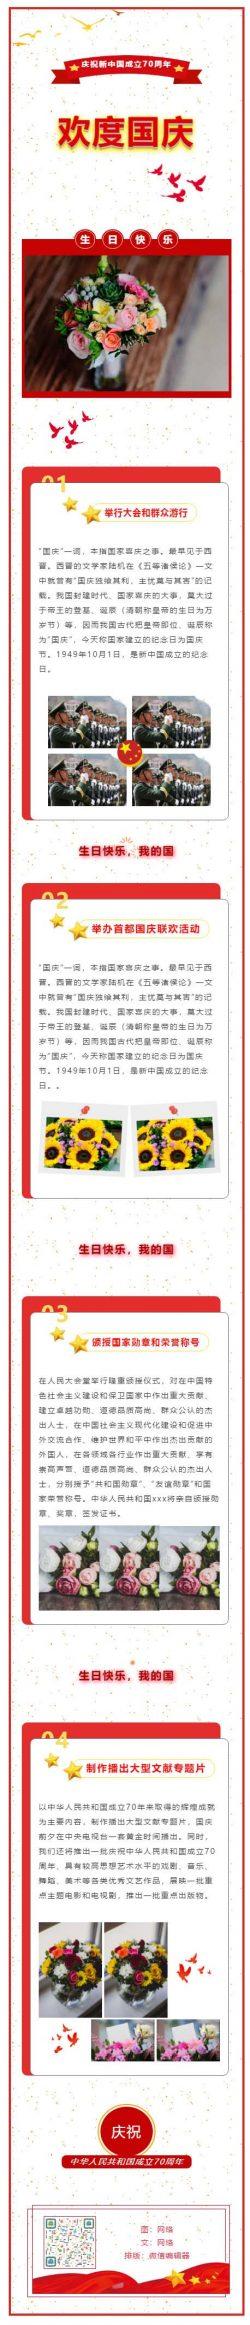 中华人民共合国成立70周年国庆节纪念日红色党政推送推文微信模板